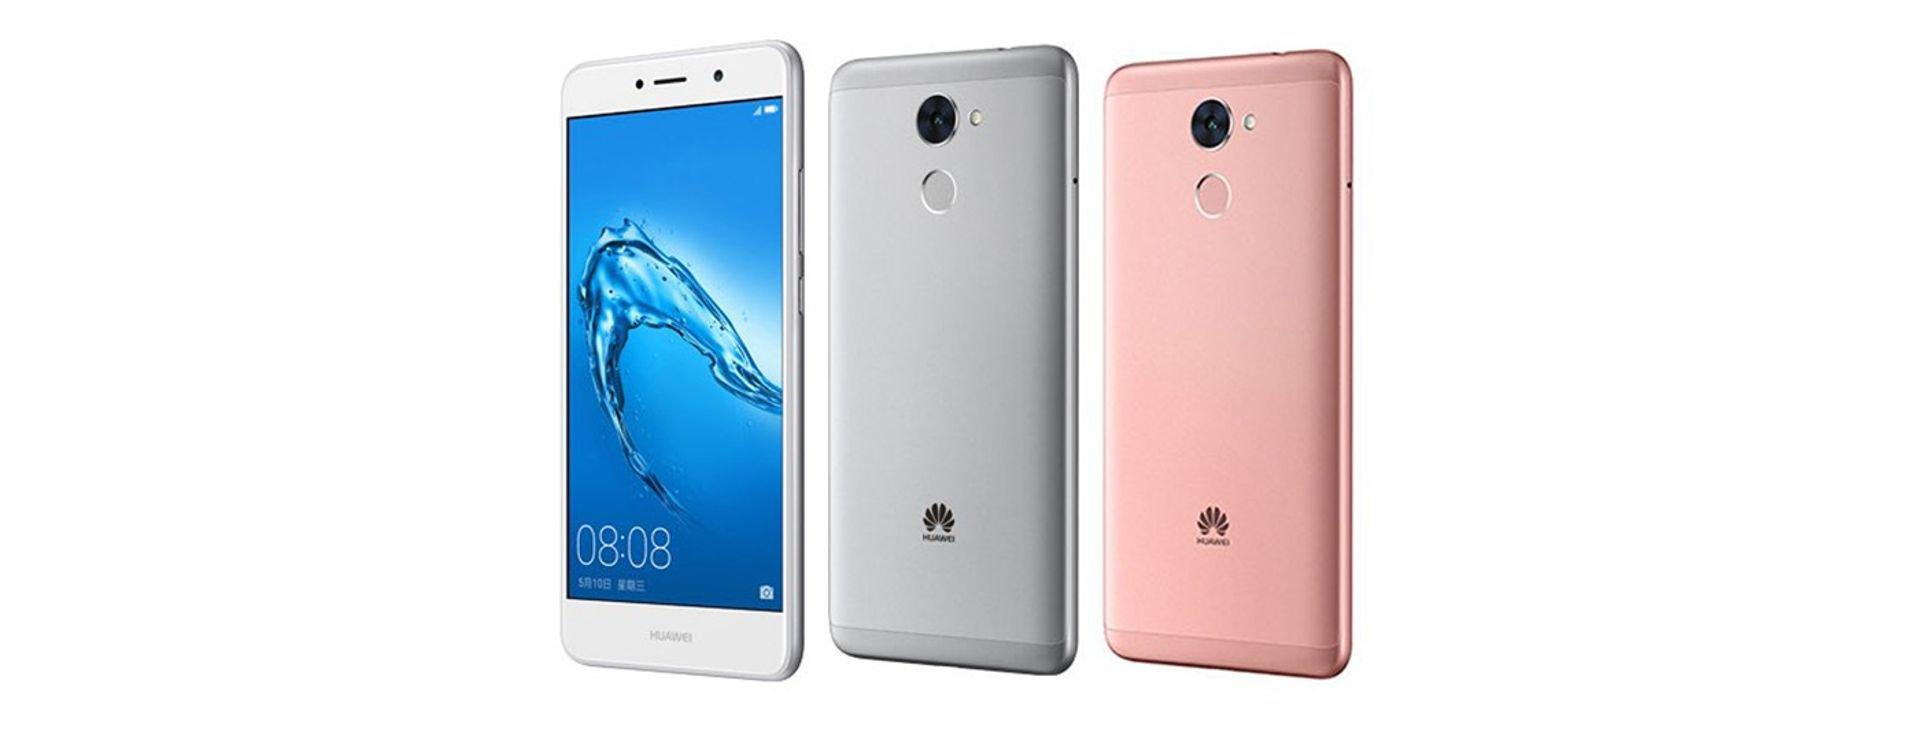 تنتمي هواتف هواوي إنجوي 7 بلس أو Y7 برايم لفئة الهواتف الدنيا.